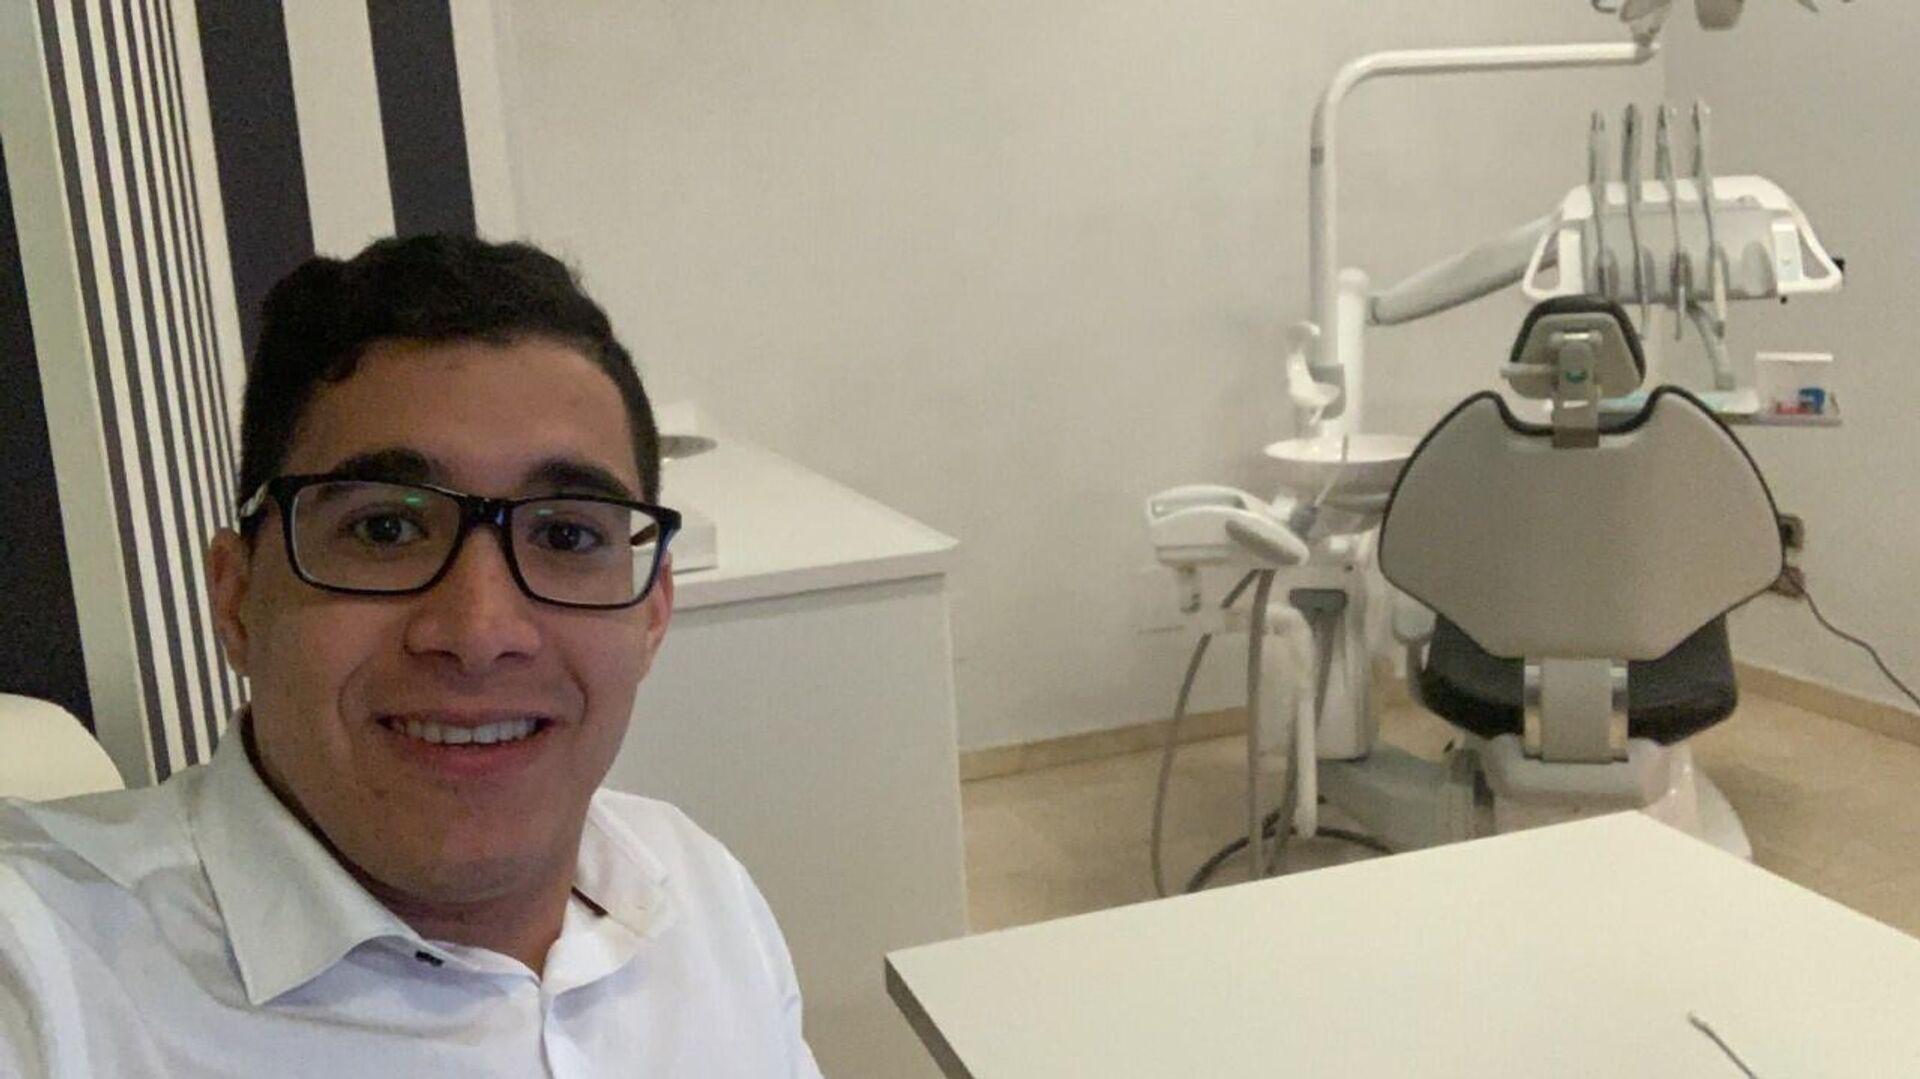 Andrés Durán, odontólogo venezolano de 26 años que fue estafado por Víctor Sánchez - Sputnik Mundo, 1920, 18.05.2021